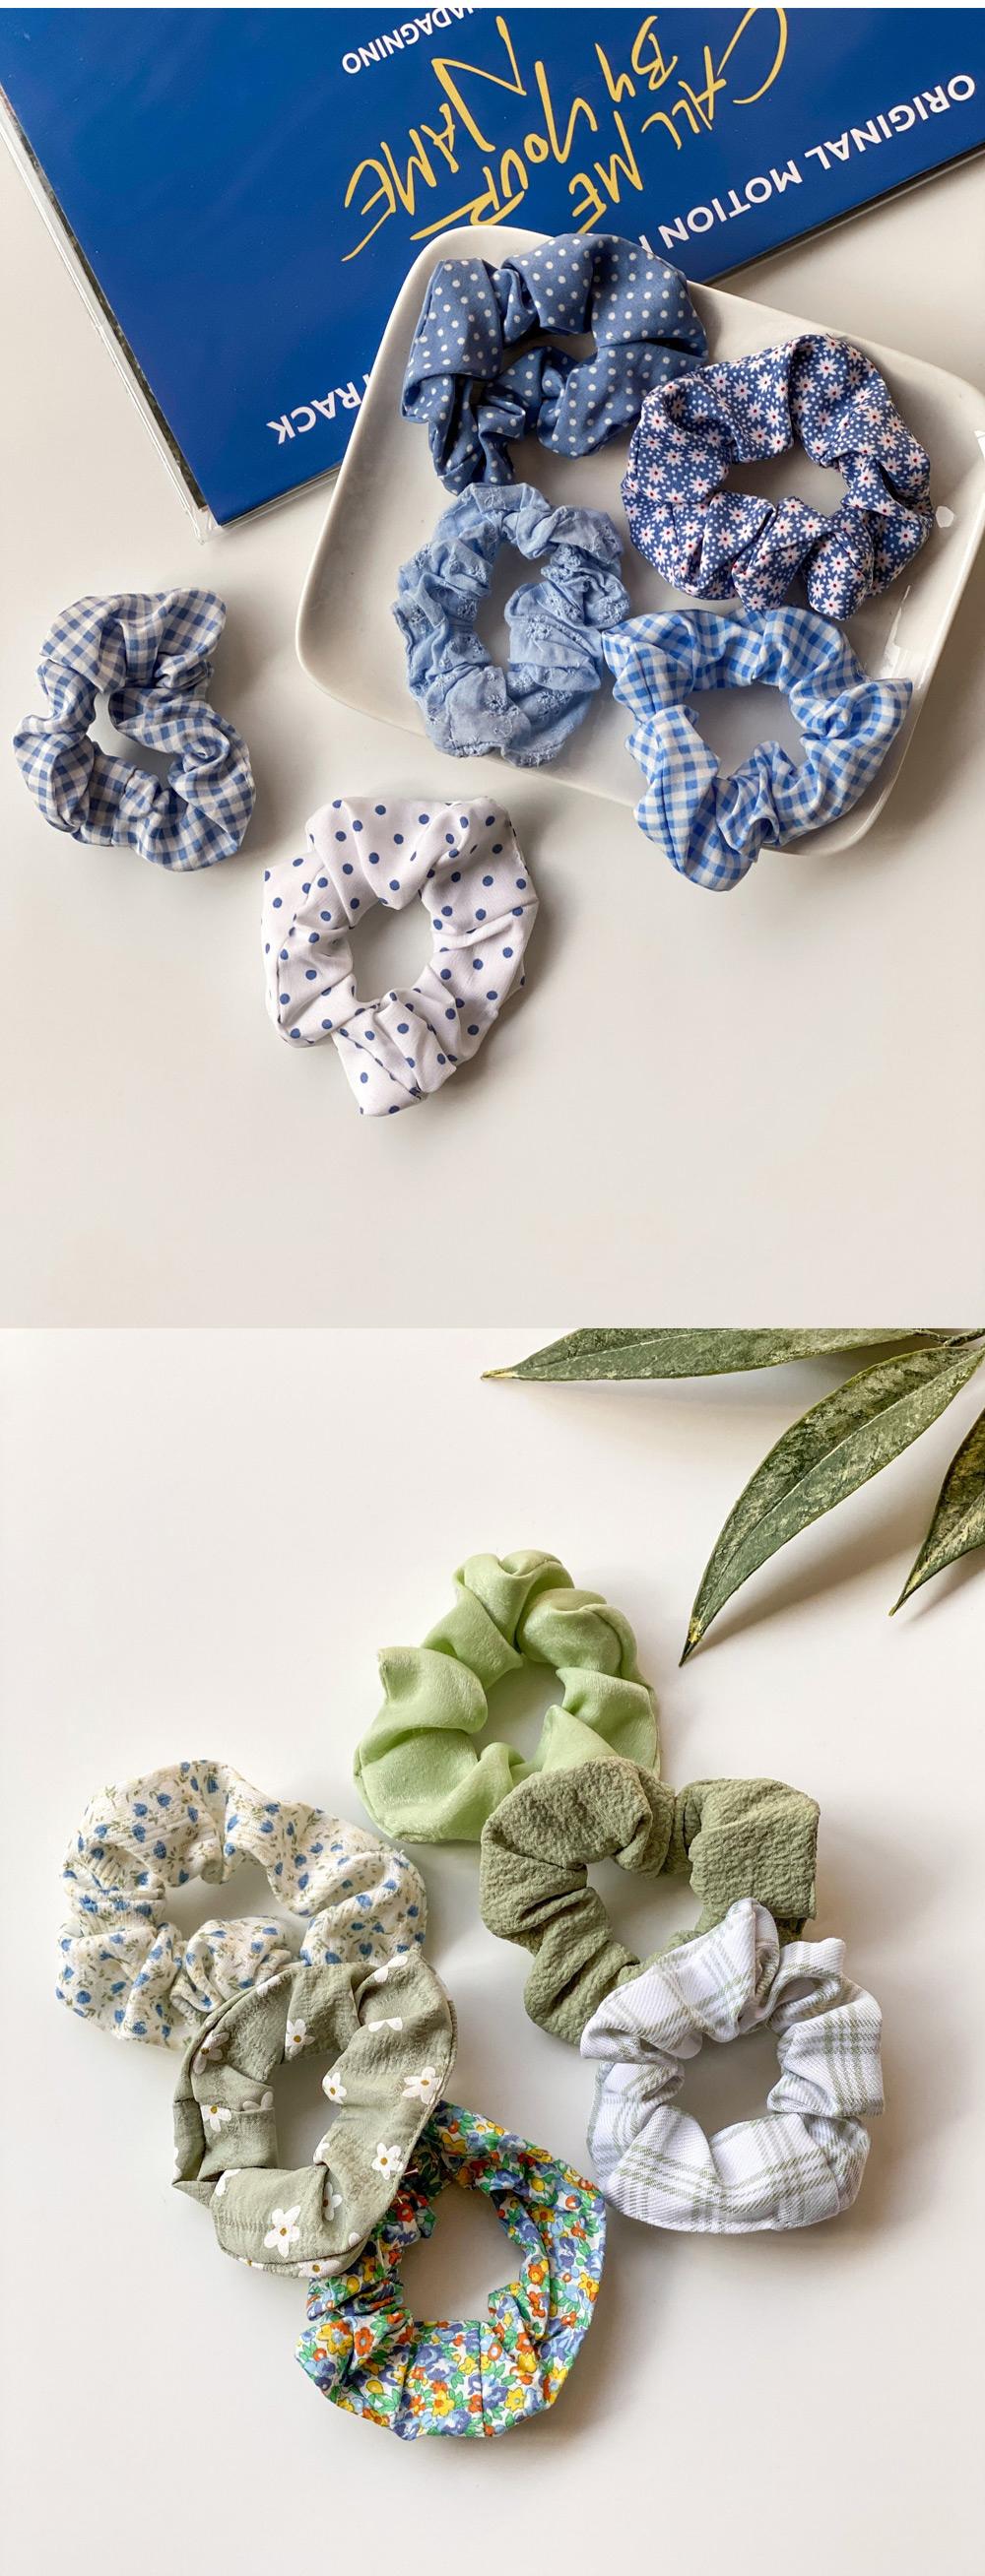 accessories detail image-S1L7